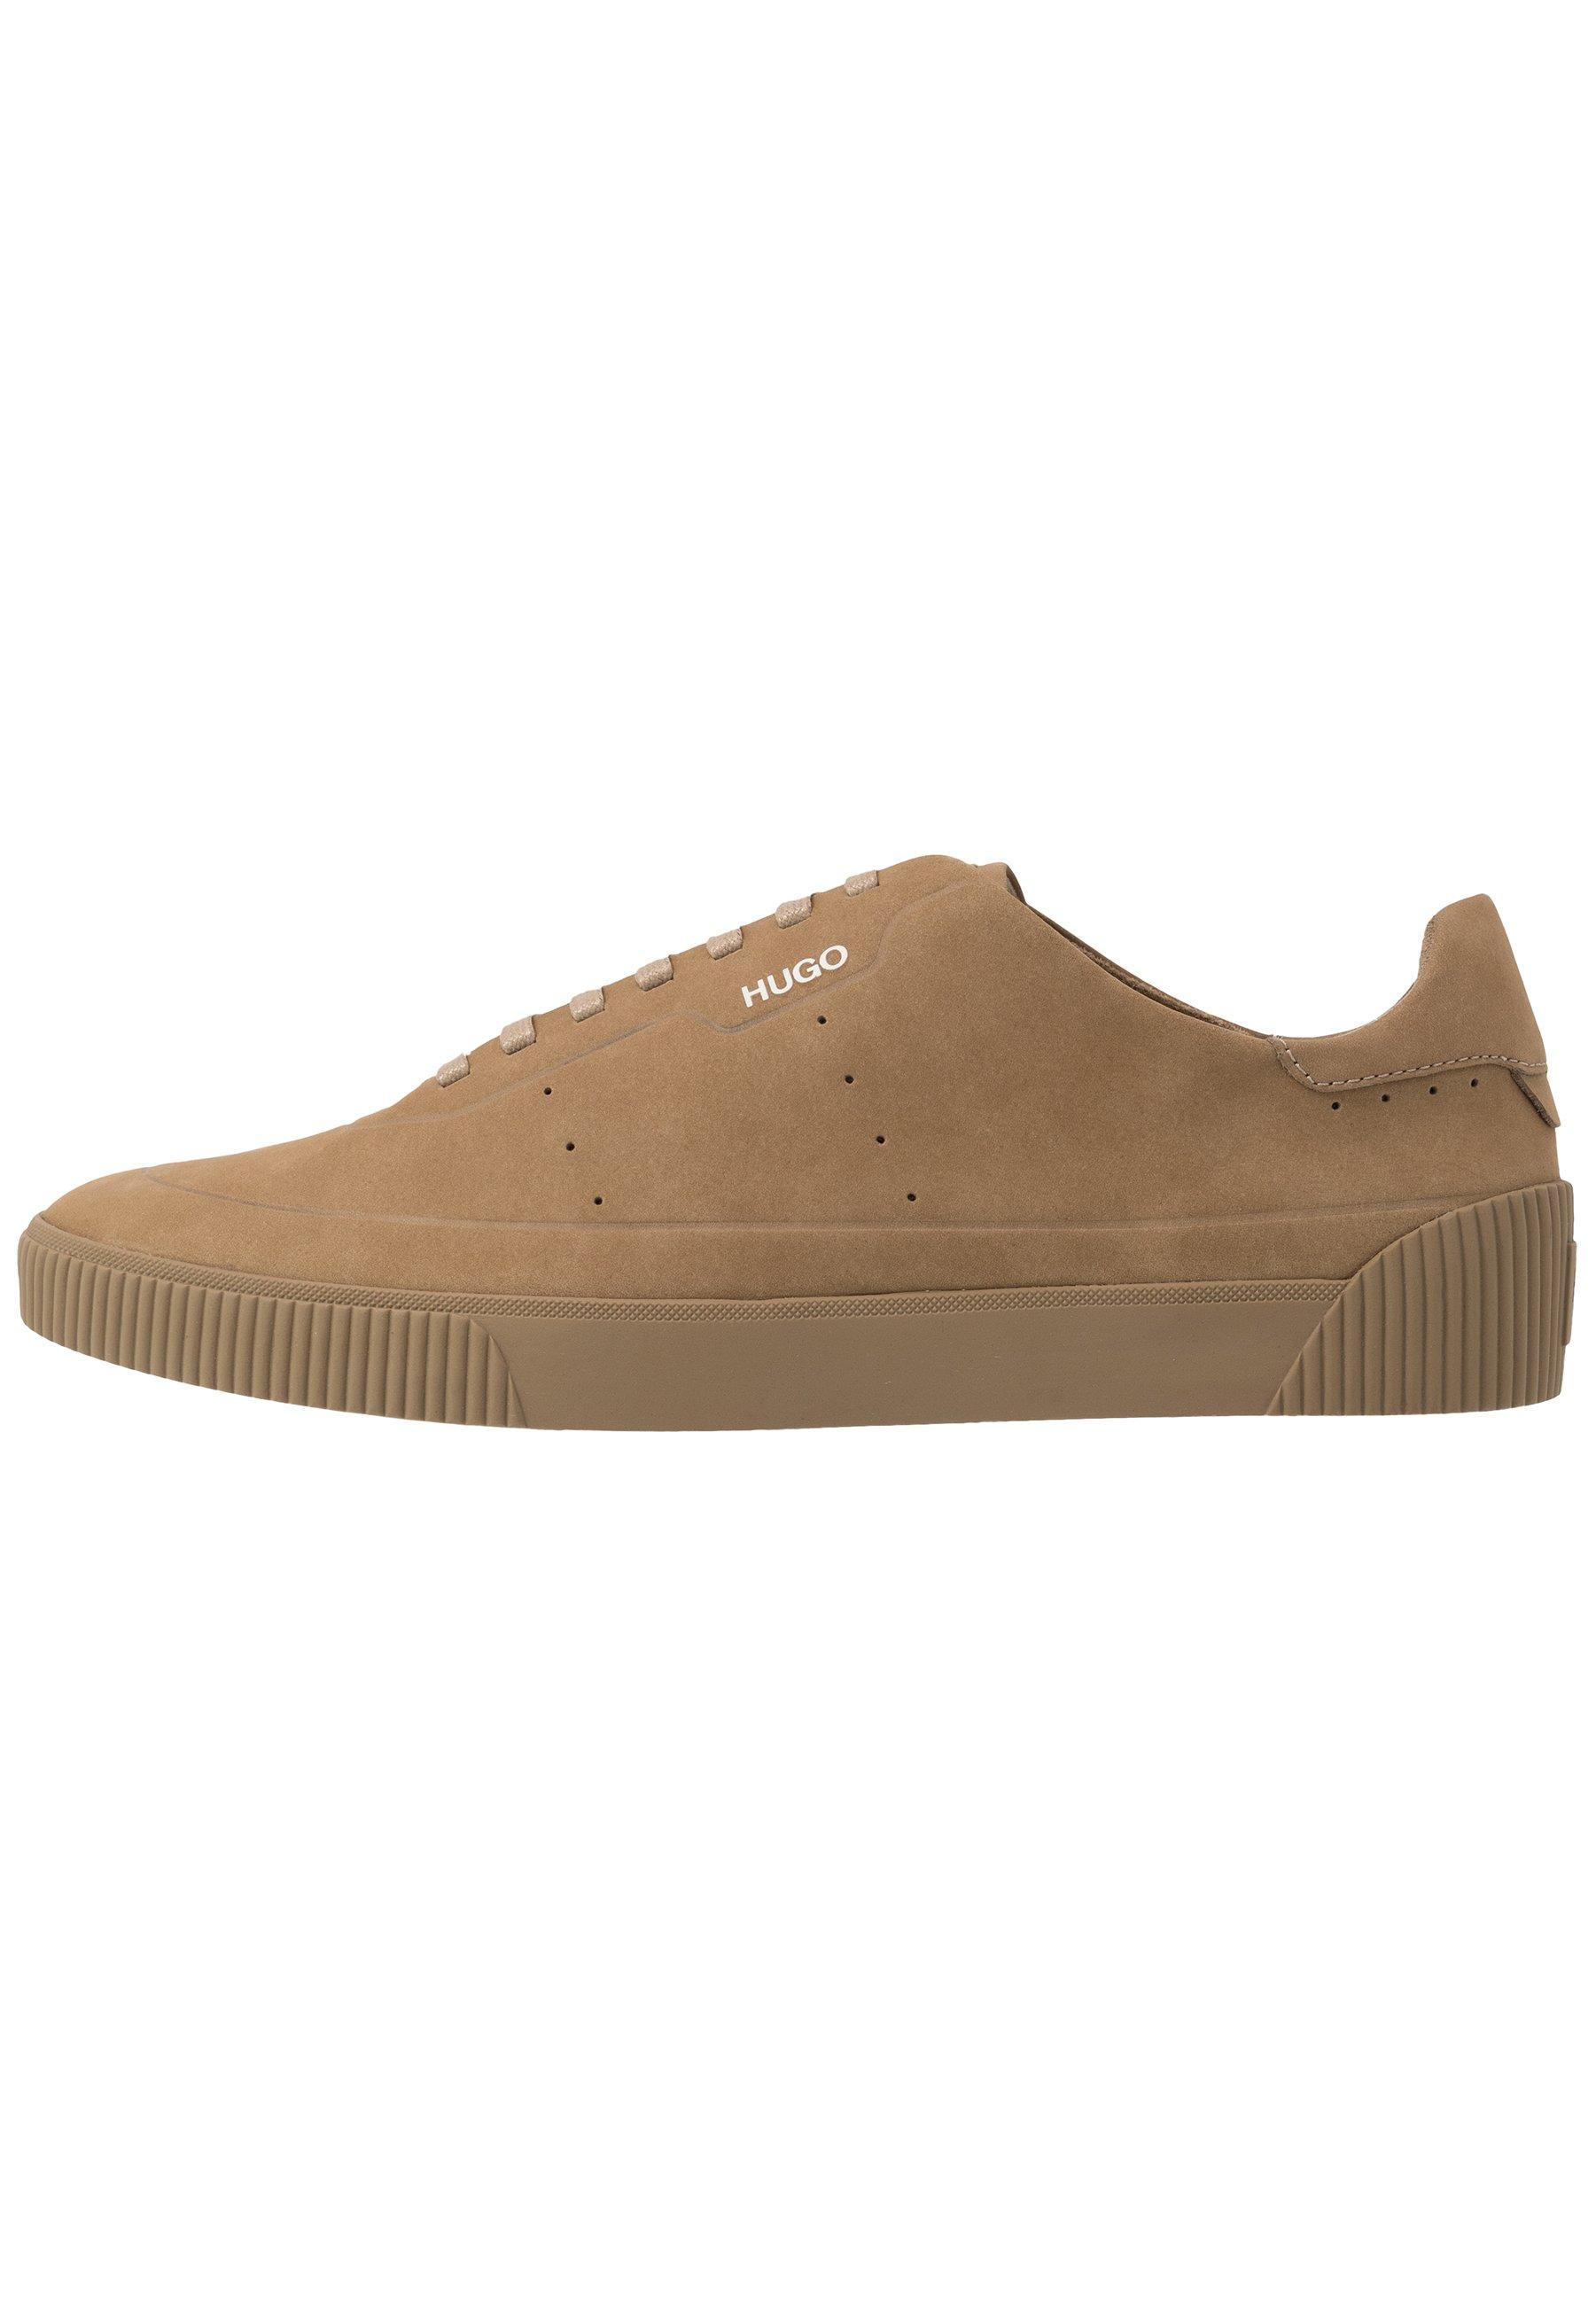 Hugo Sneaker Low - Medium Beige Black Friday